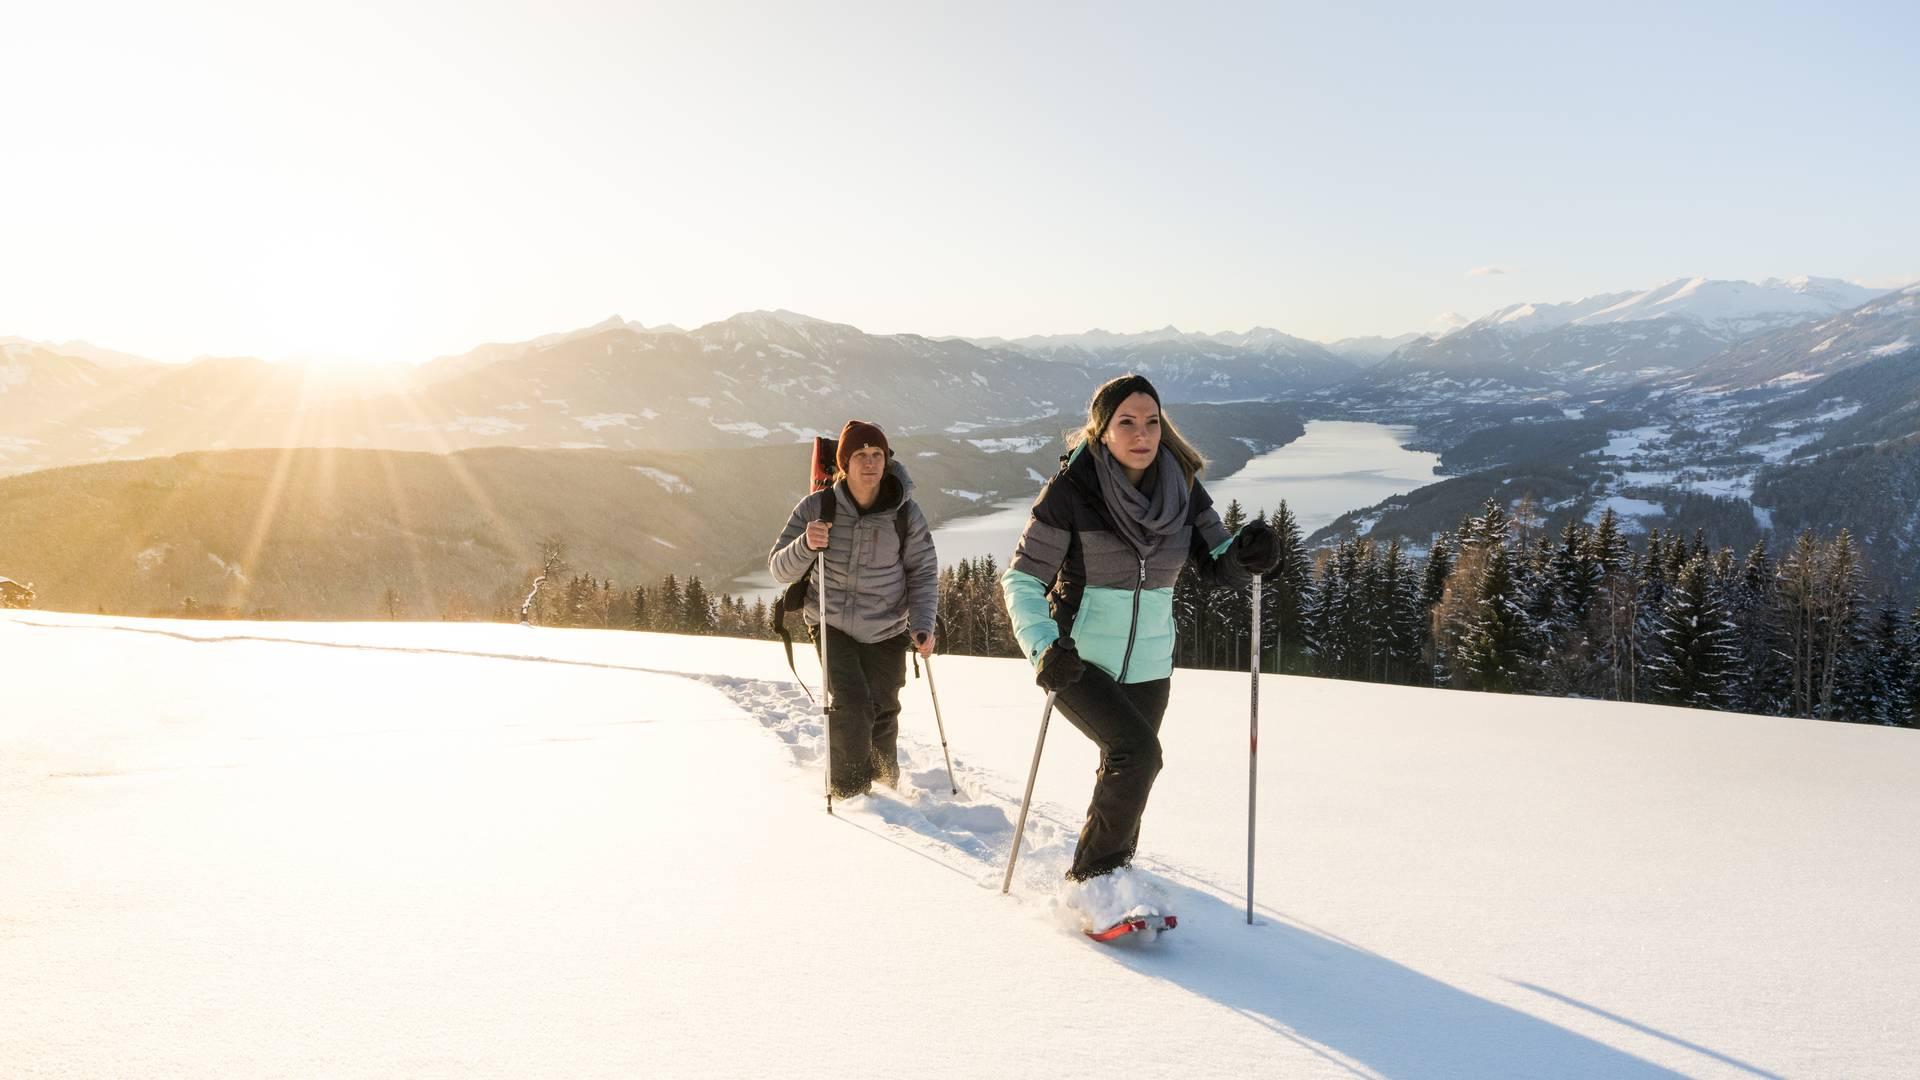 Winter am Millstaettersee beim Schneeschuhwandern